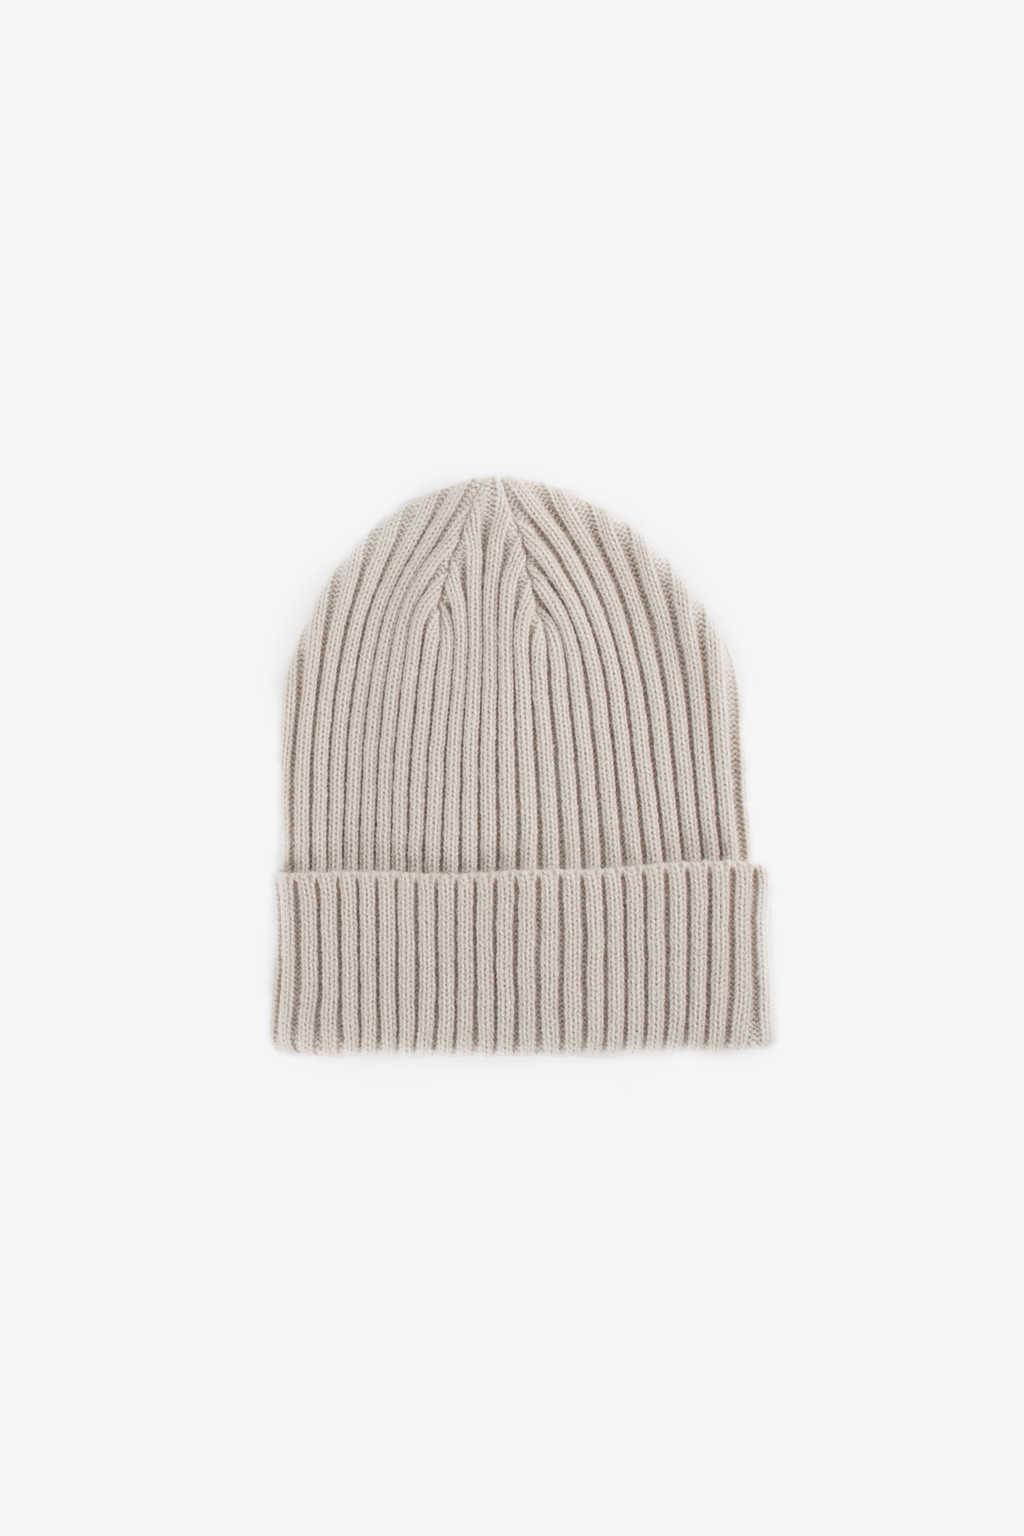 Hat 97023 Cream 5